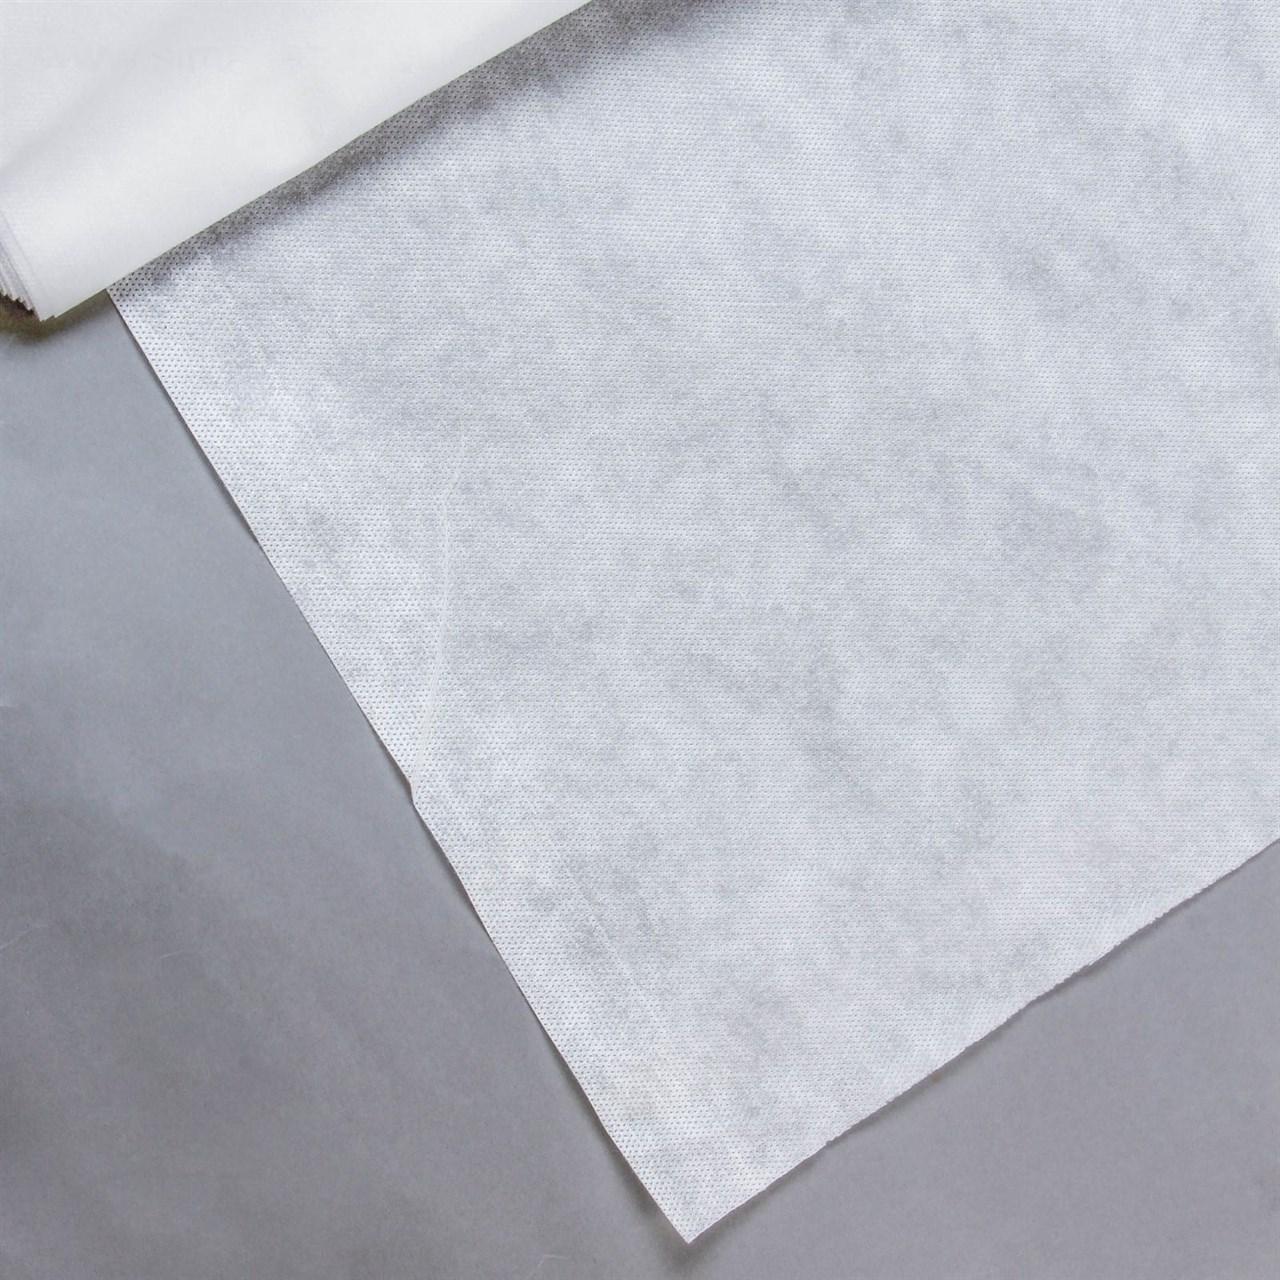 восьмисекционный белый парник с укрывным материалом уДачный